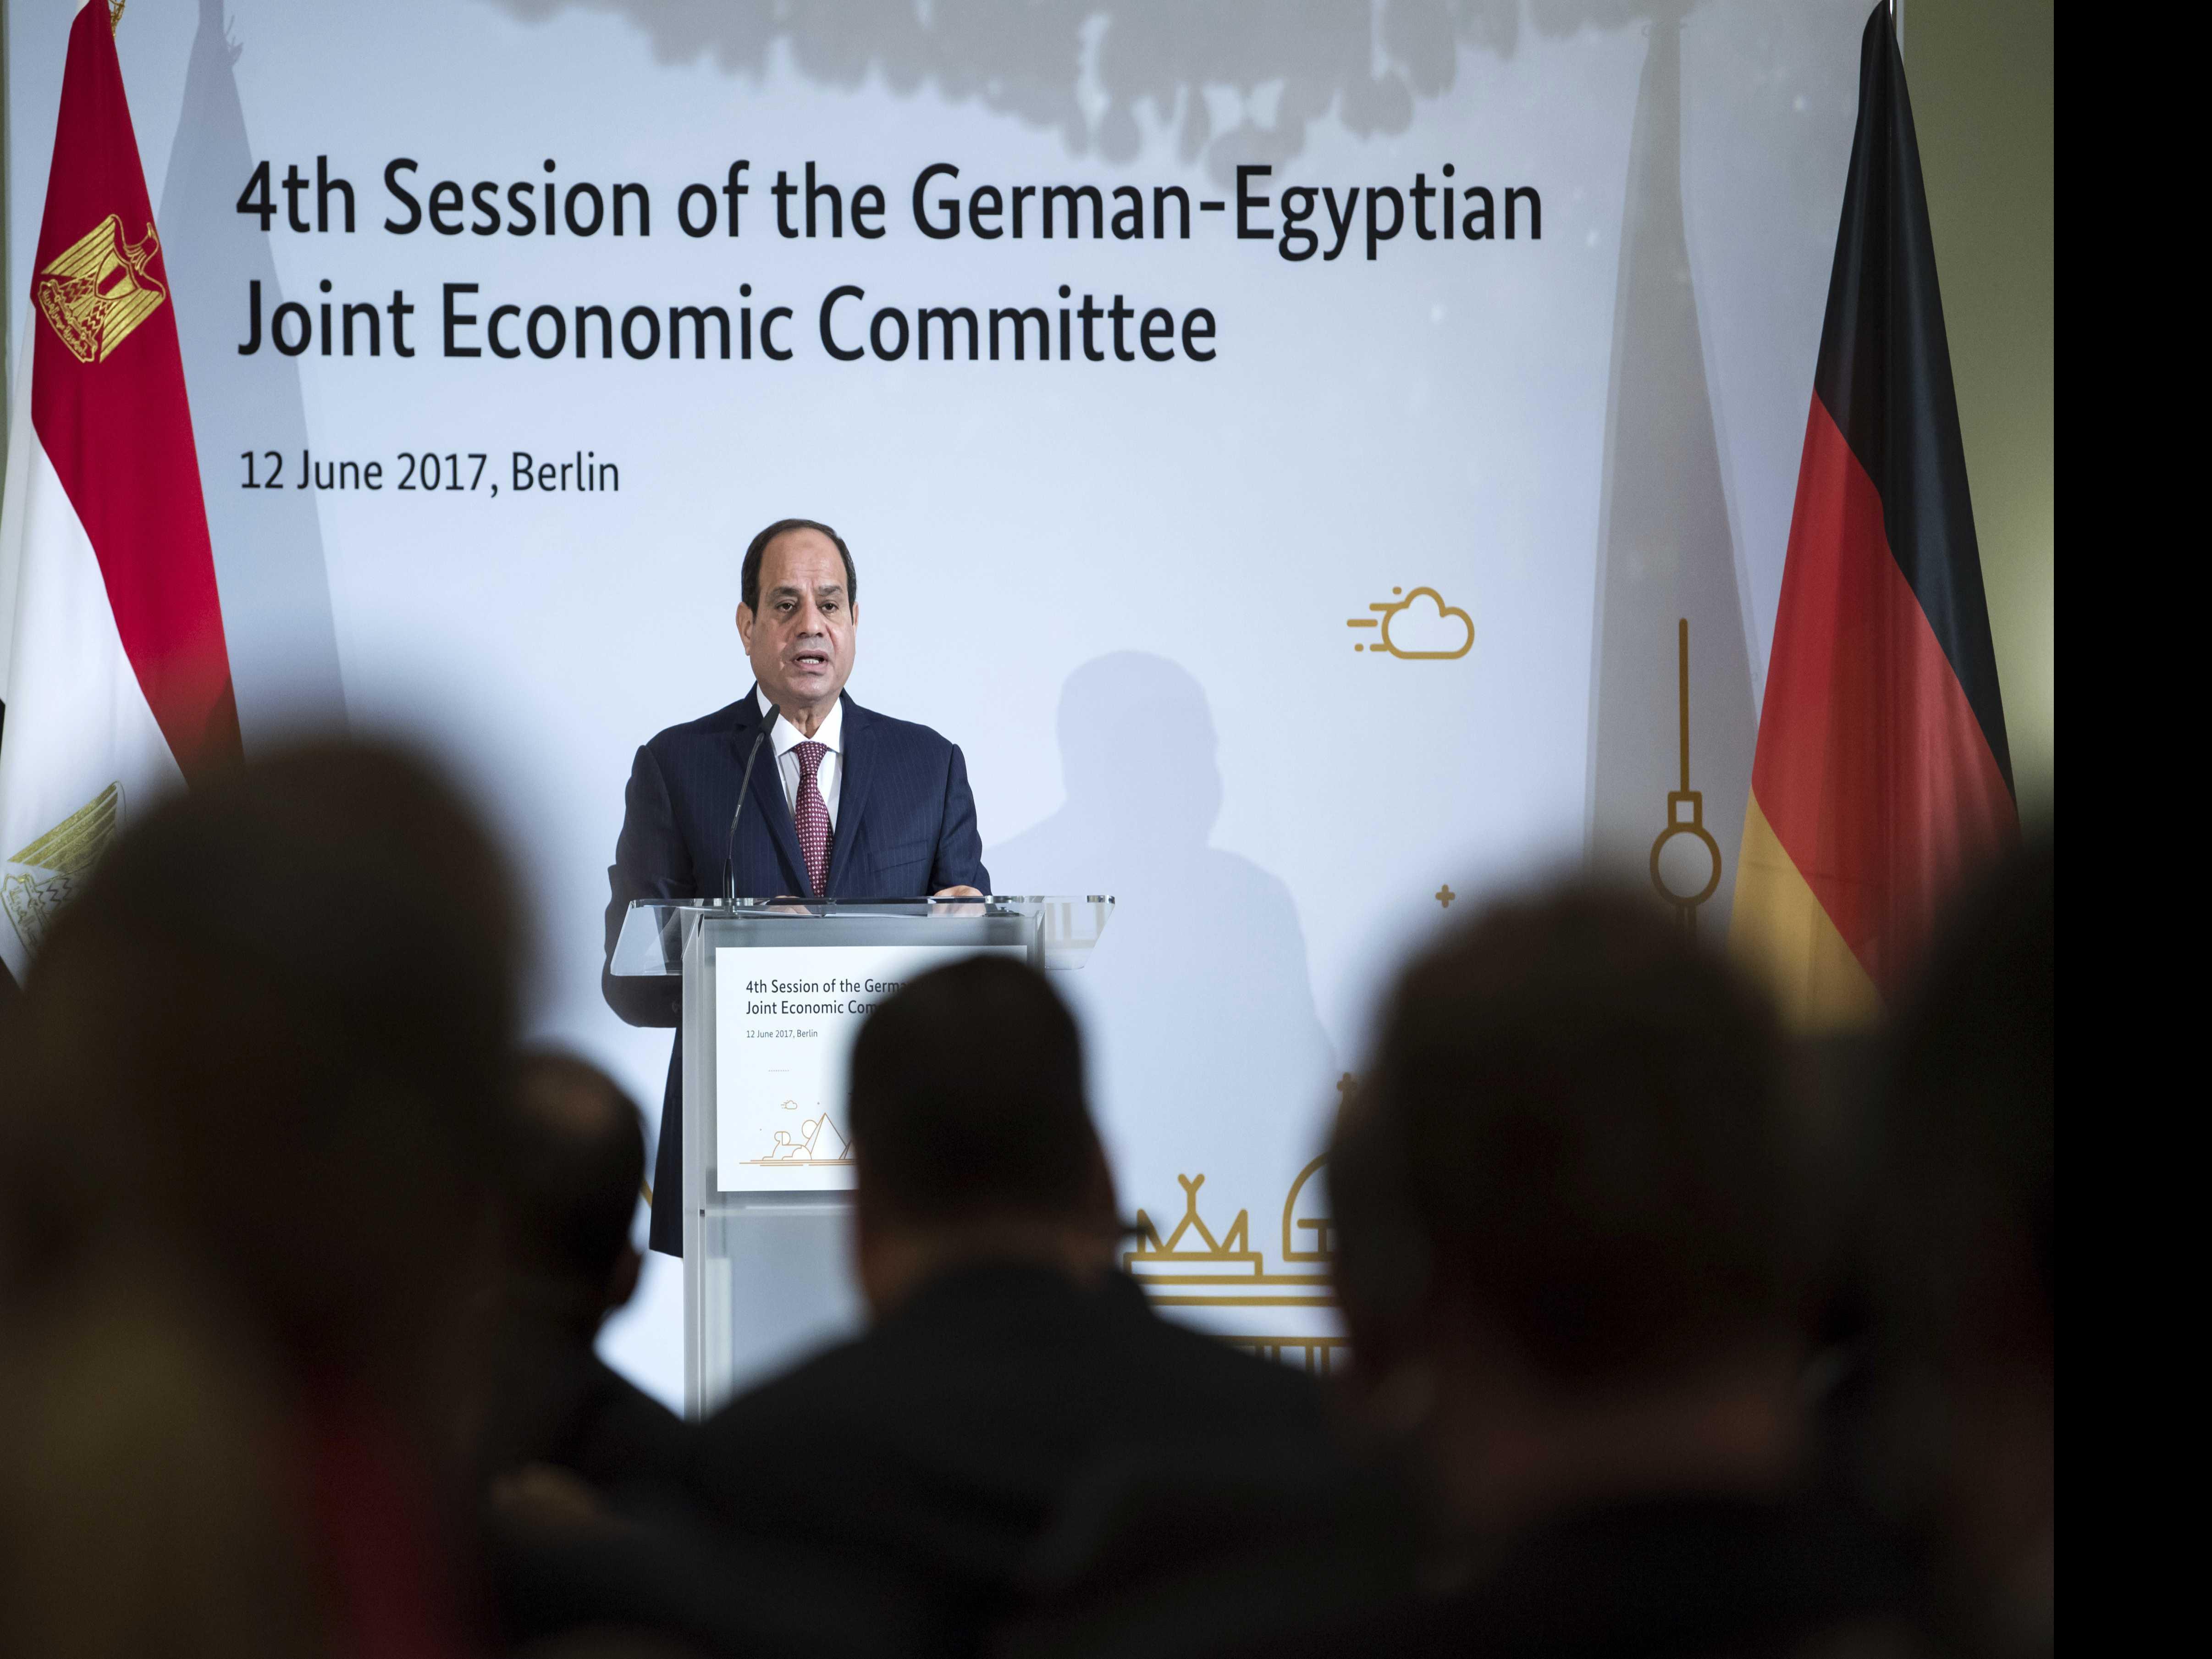 Germany's Merkel Hosts African Leaders Ahead of G20 Summit